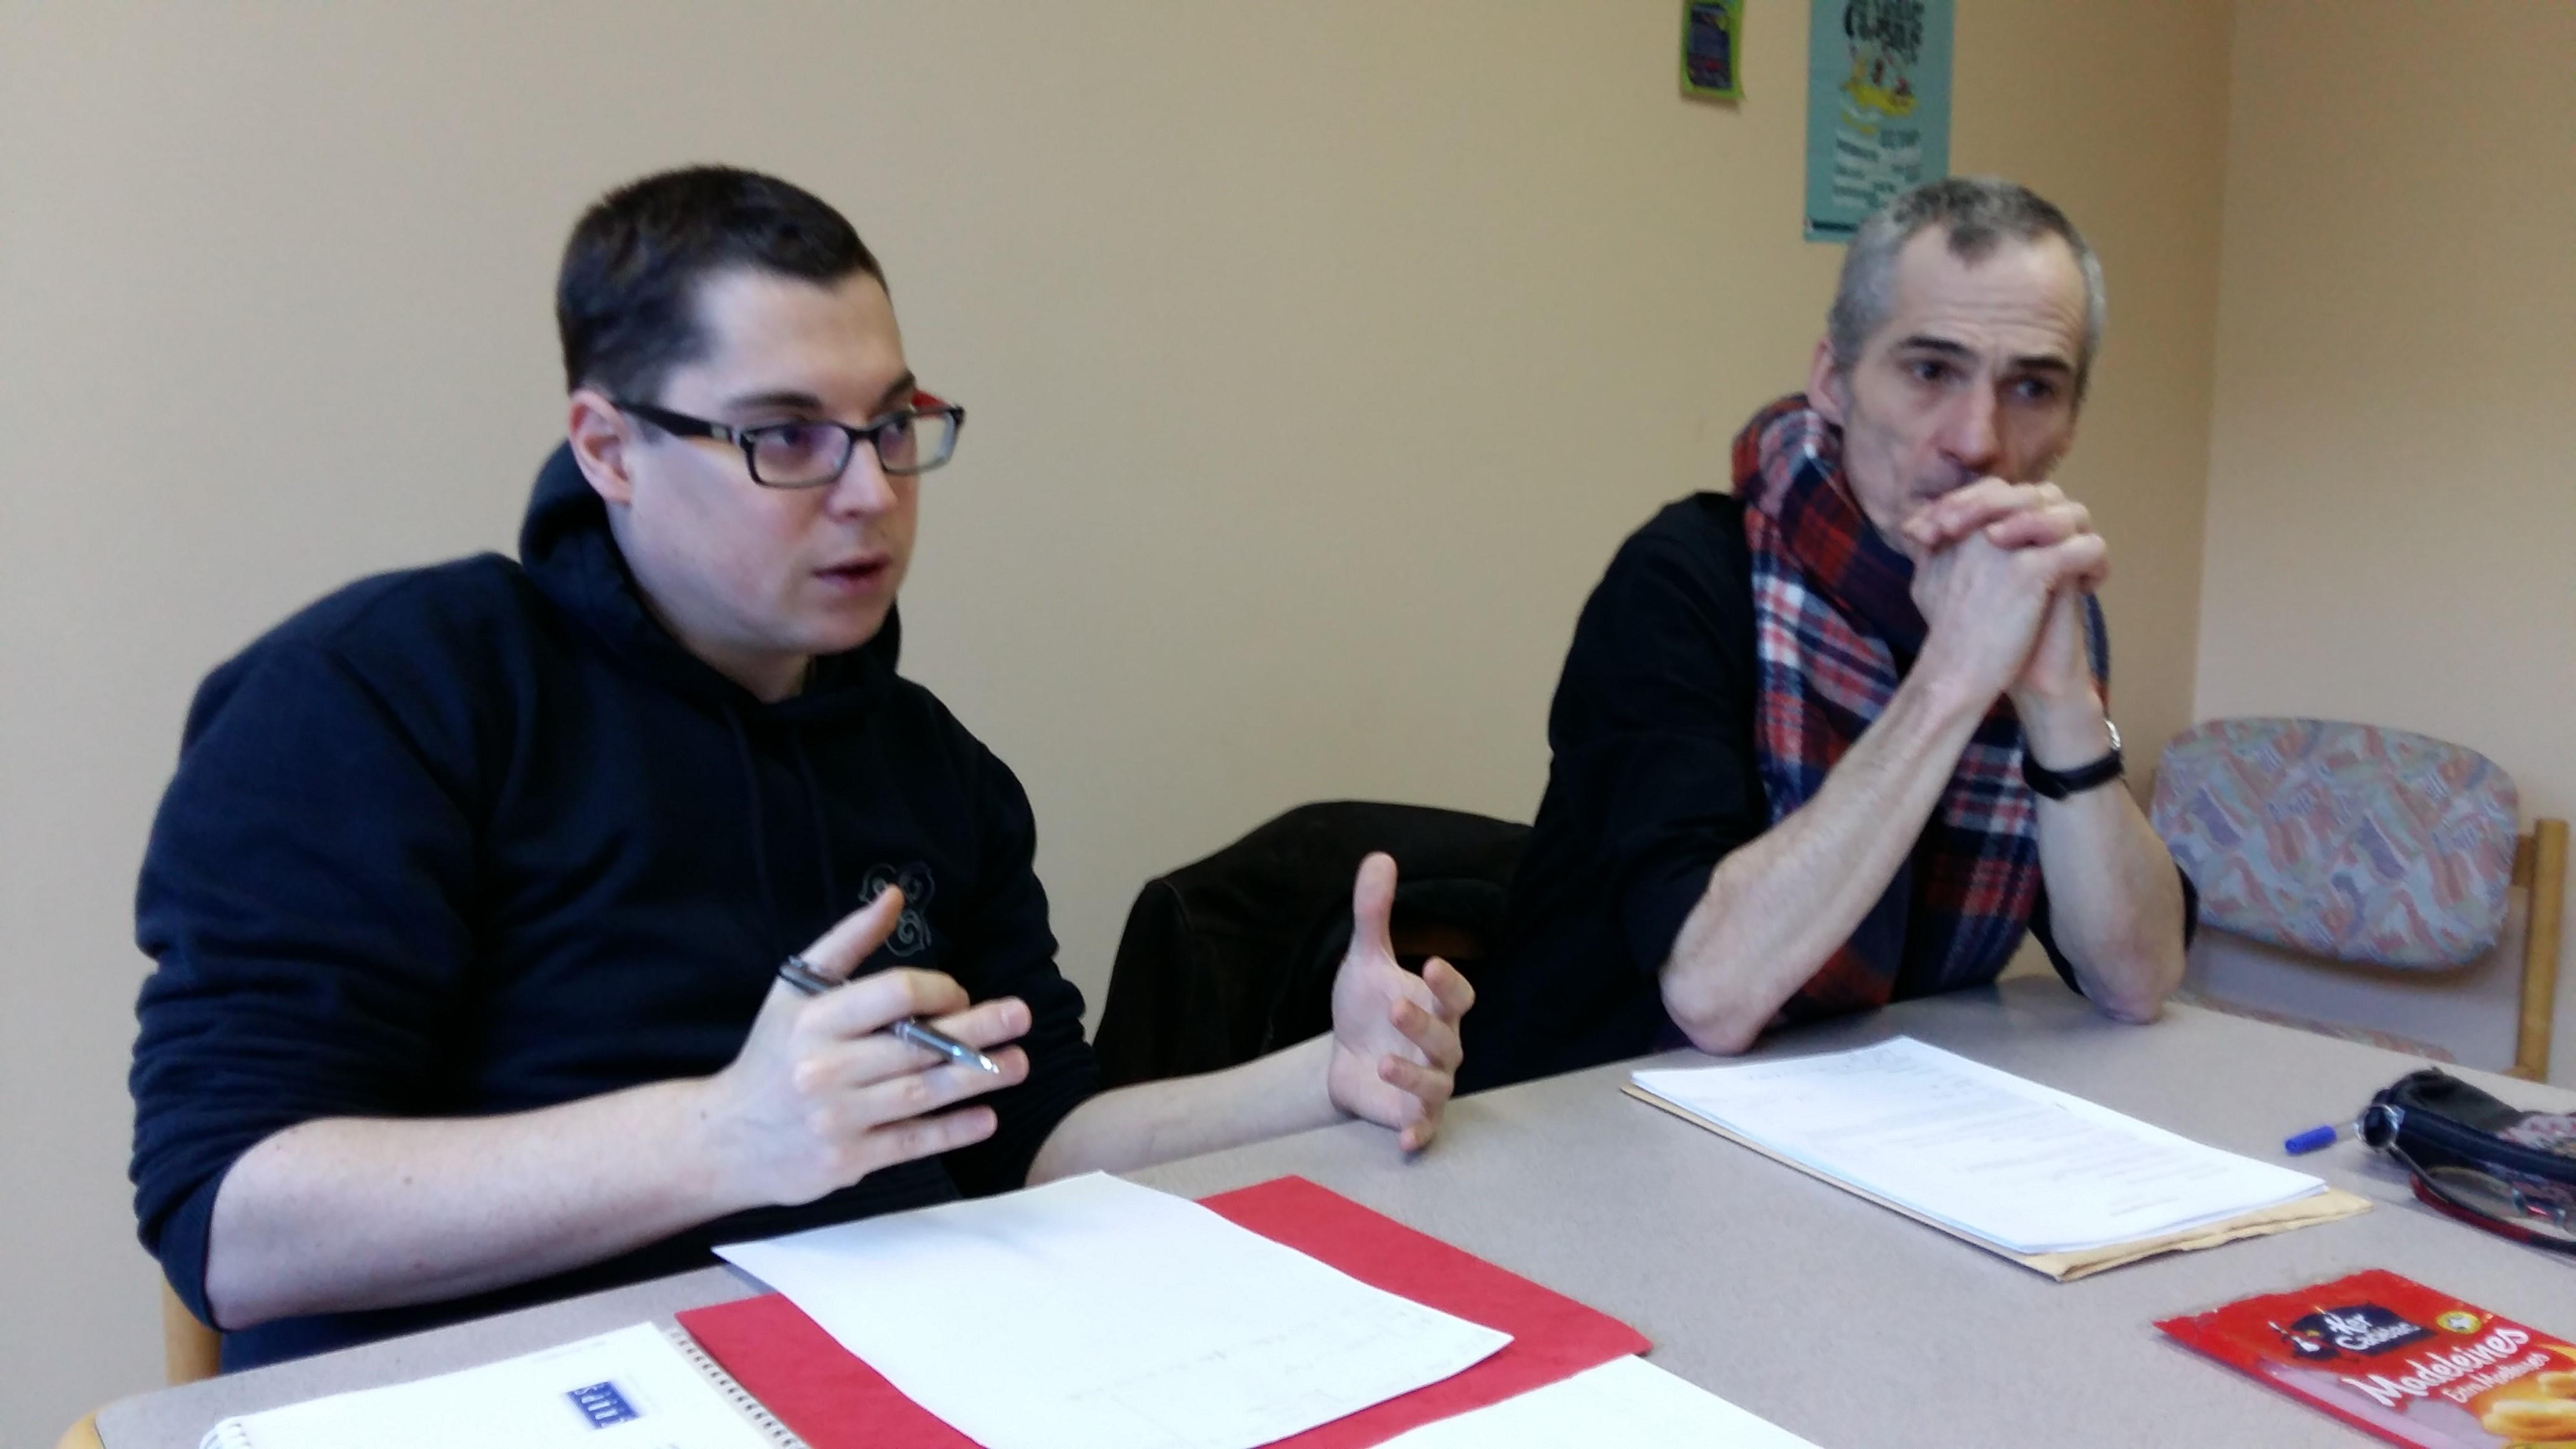 Pierre-Yves BASTARD de l'association ANDBRAIZ et Hervé PEILLON lors de la dernière réunion de travail